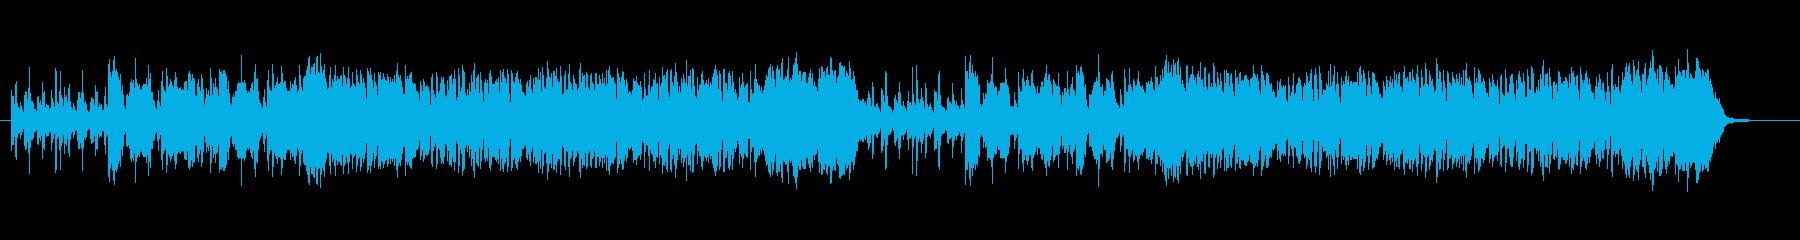 不思議な雰囲気のゲーム音楽の再生済みの波形